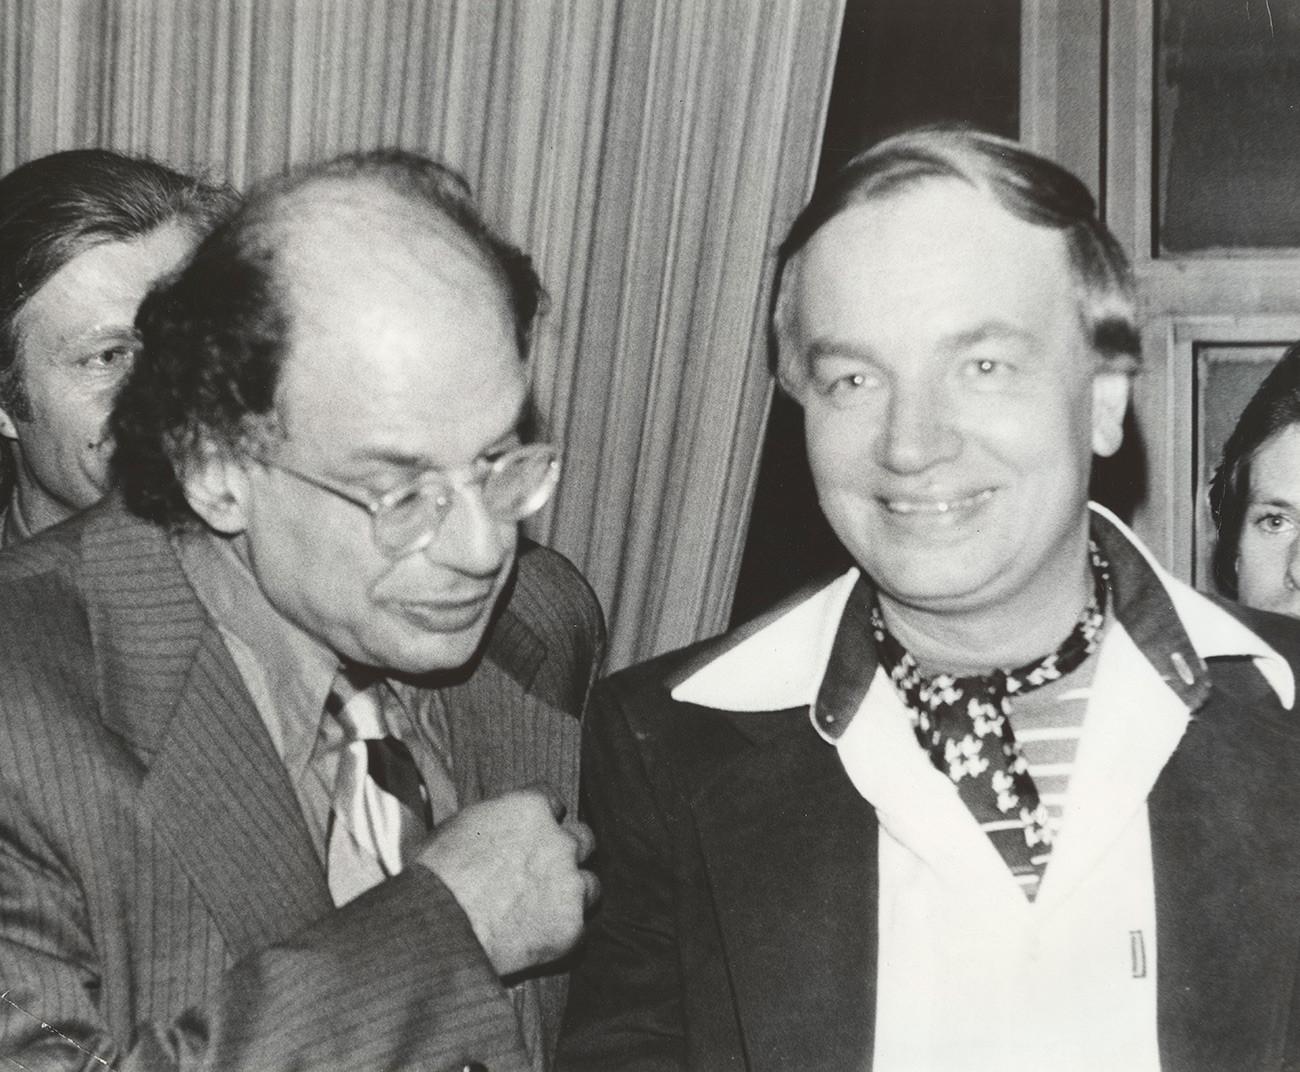 アンドレイ・ヴォズネセンスキーとアレン・ギンズバーグ(左)